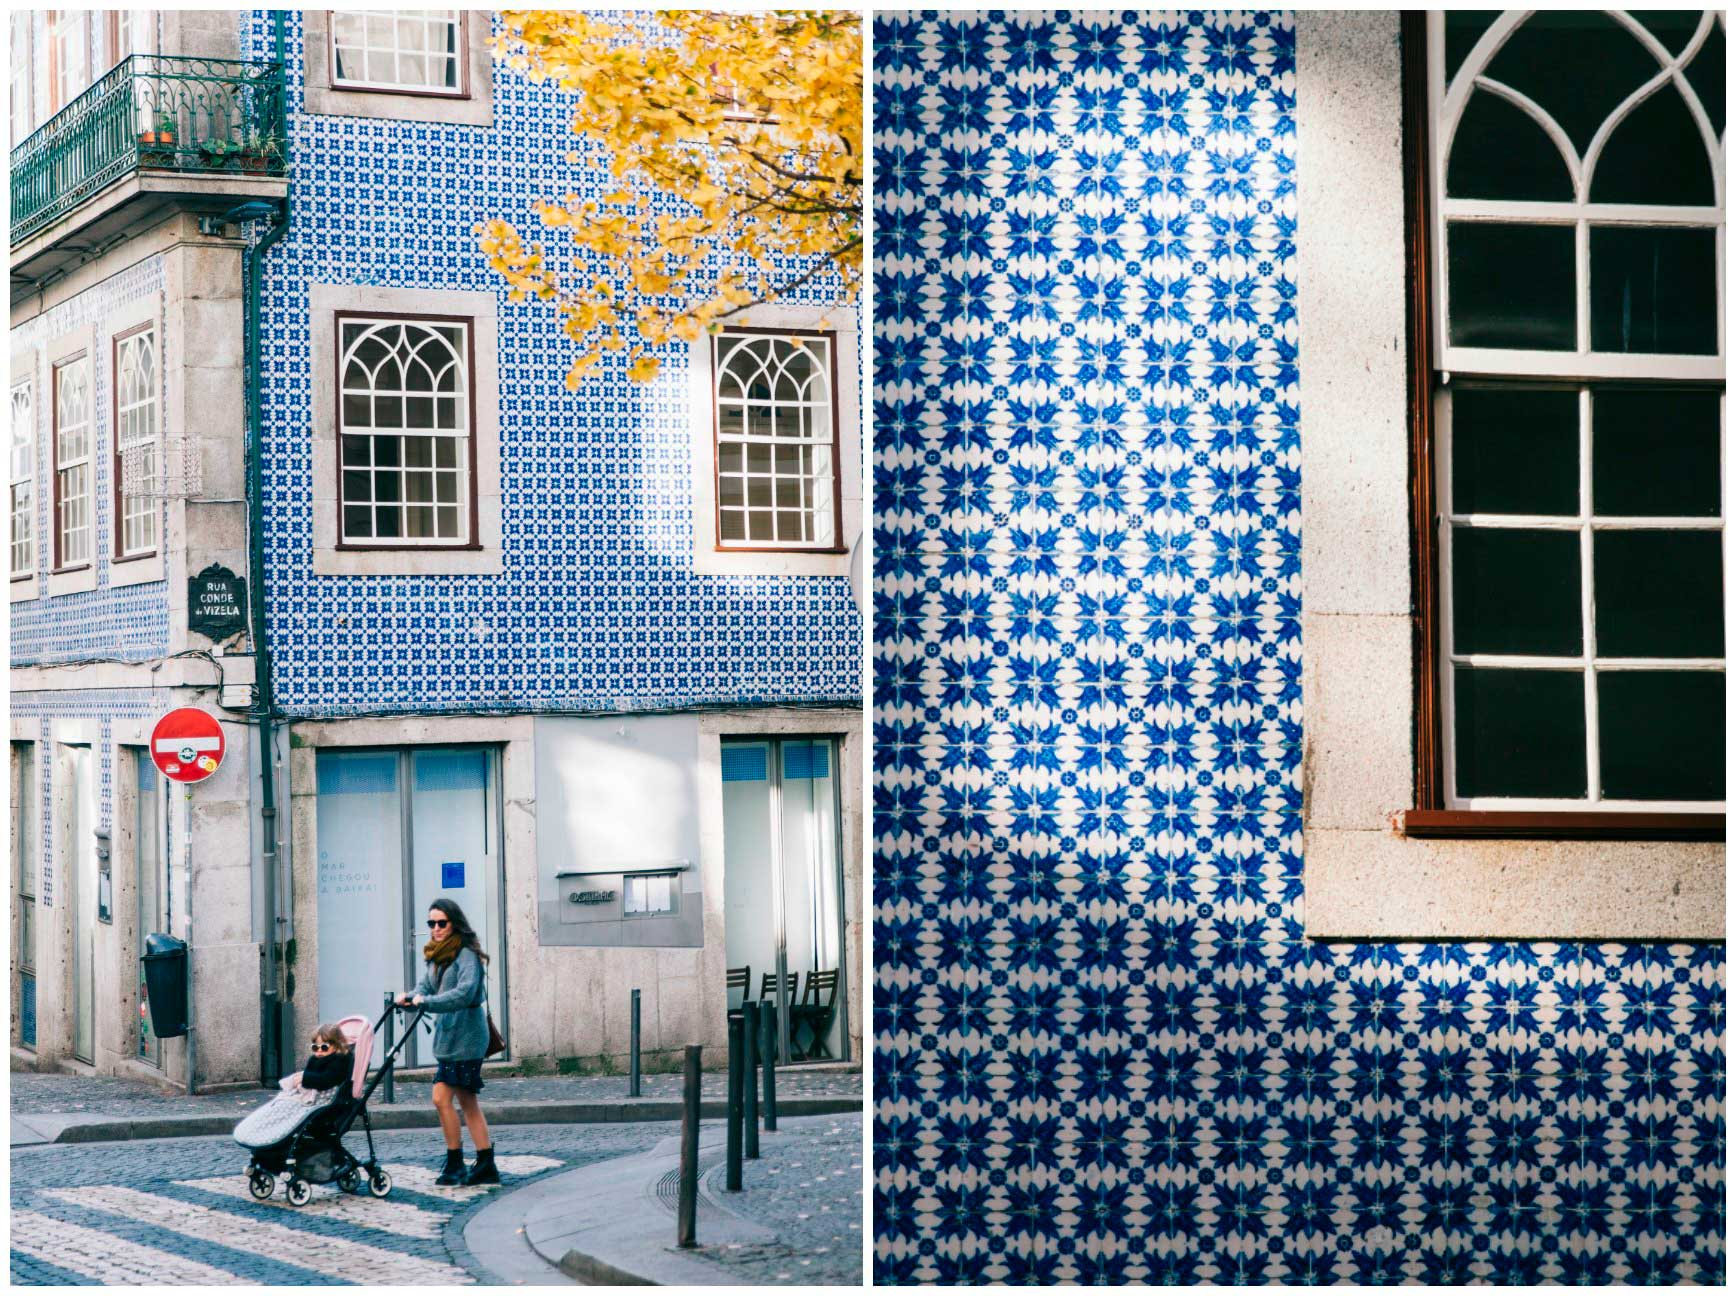 Oporto_Collage2